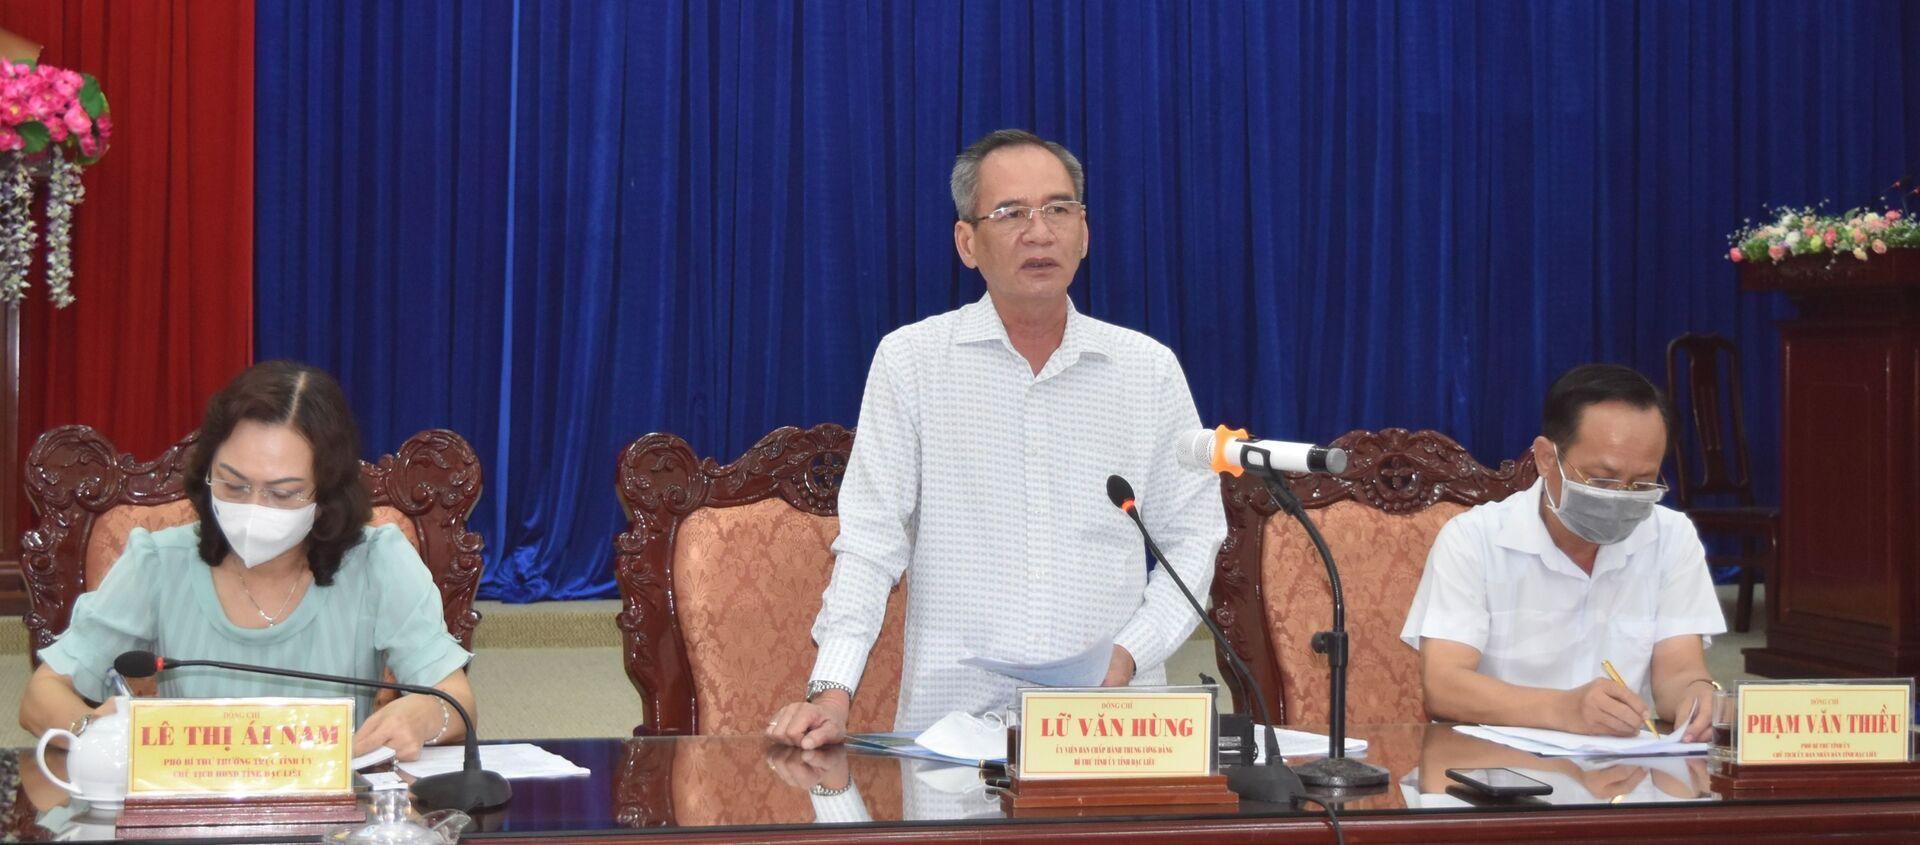 Ban Chỉ đạo Phòng, chống COVID-19 tỉnh Bạc Liêu họp khẩn khi tỉnh phát hiện một trường hợp nghi mắc COVID-19 trong cộng đồng - Sputnik Việt Nam, 1920, 28.02.2021